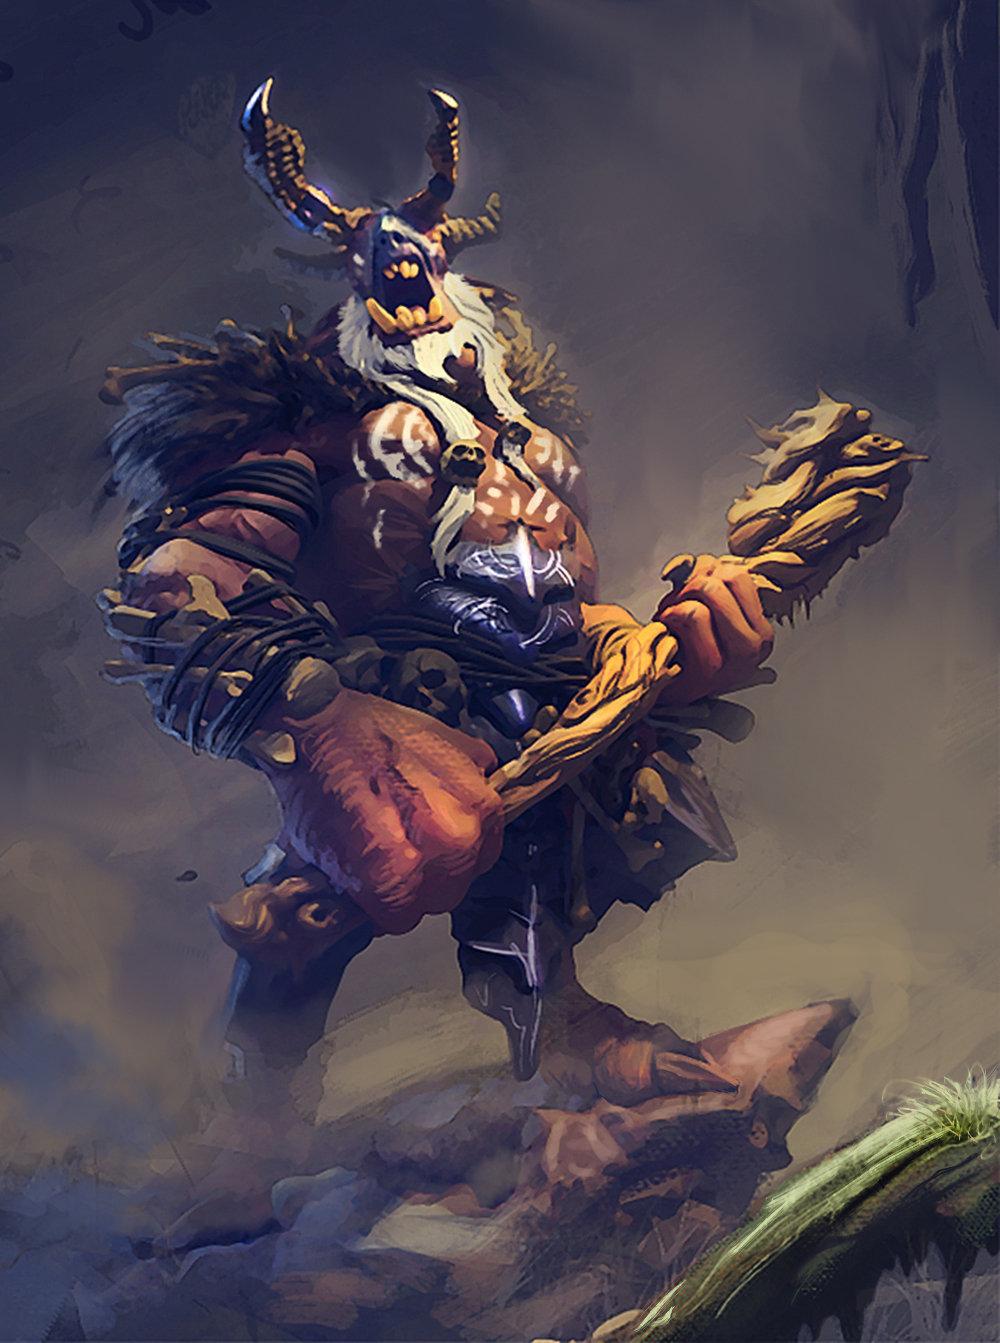 Caio cesar monstro